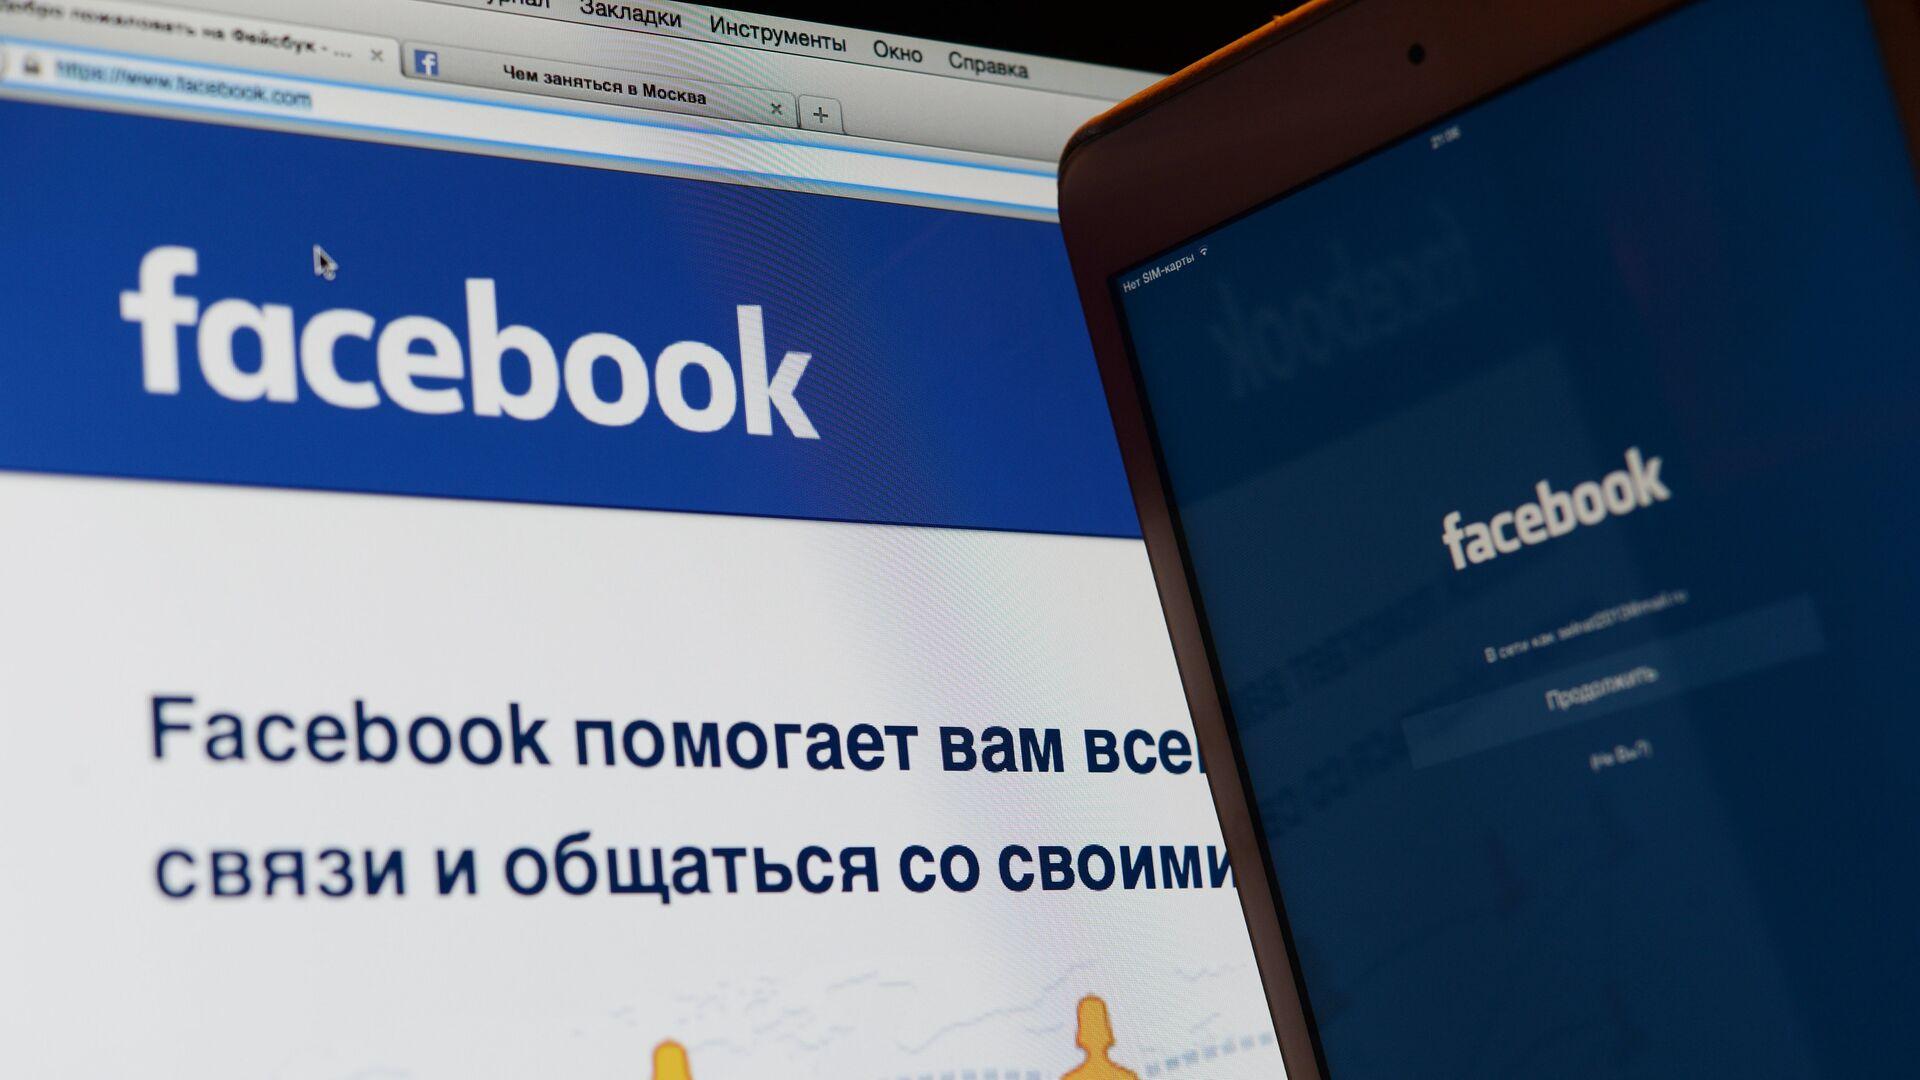 Социальная сеть Фейсбук - Sputnik Грузия, 1920, 02.10.2021